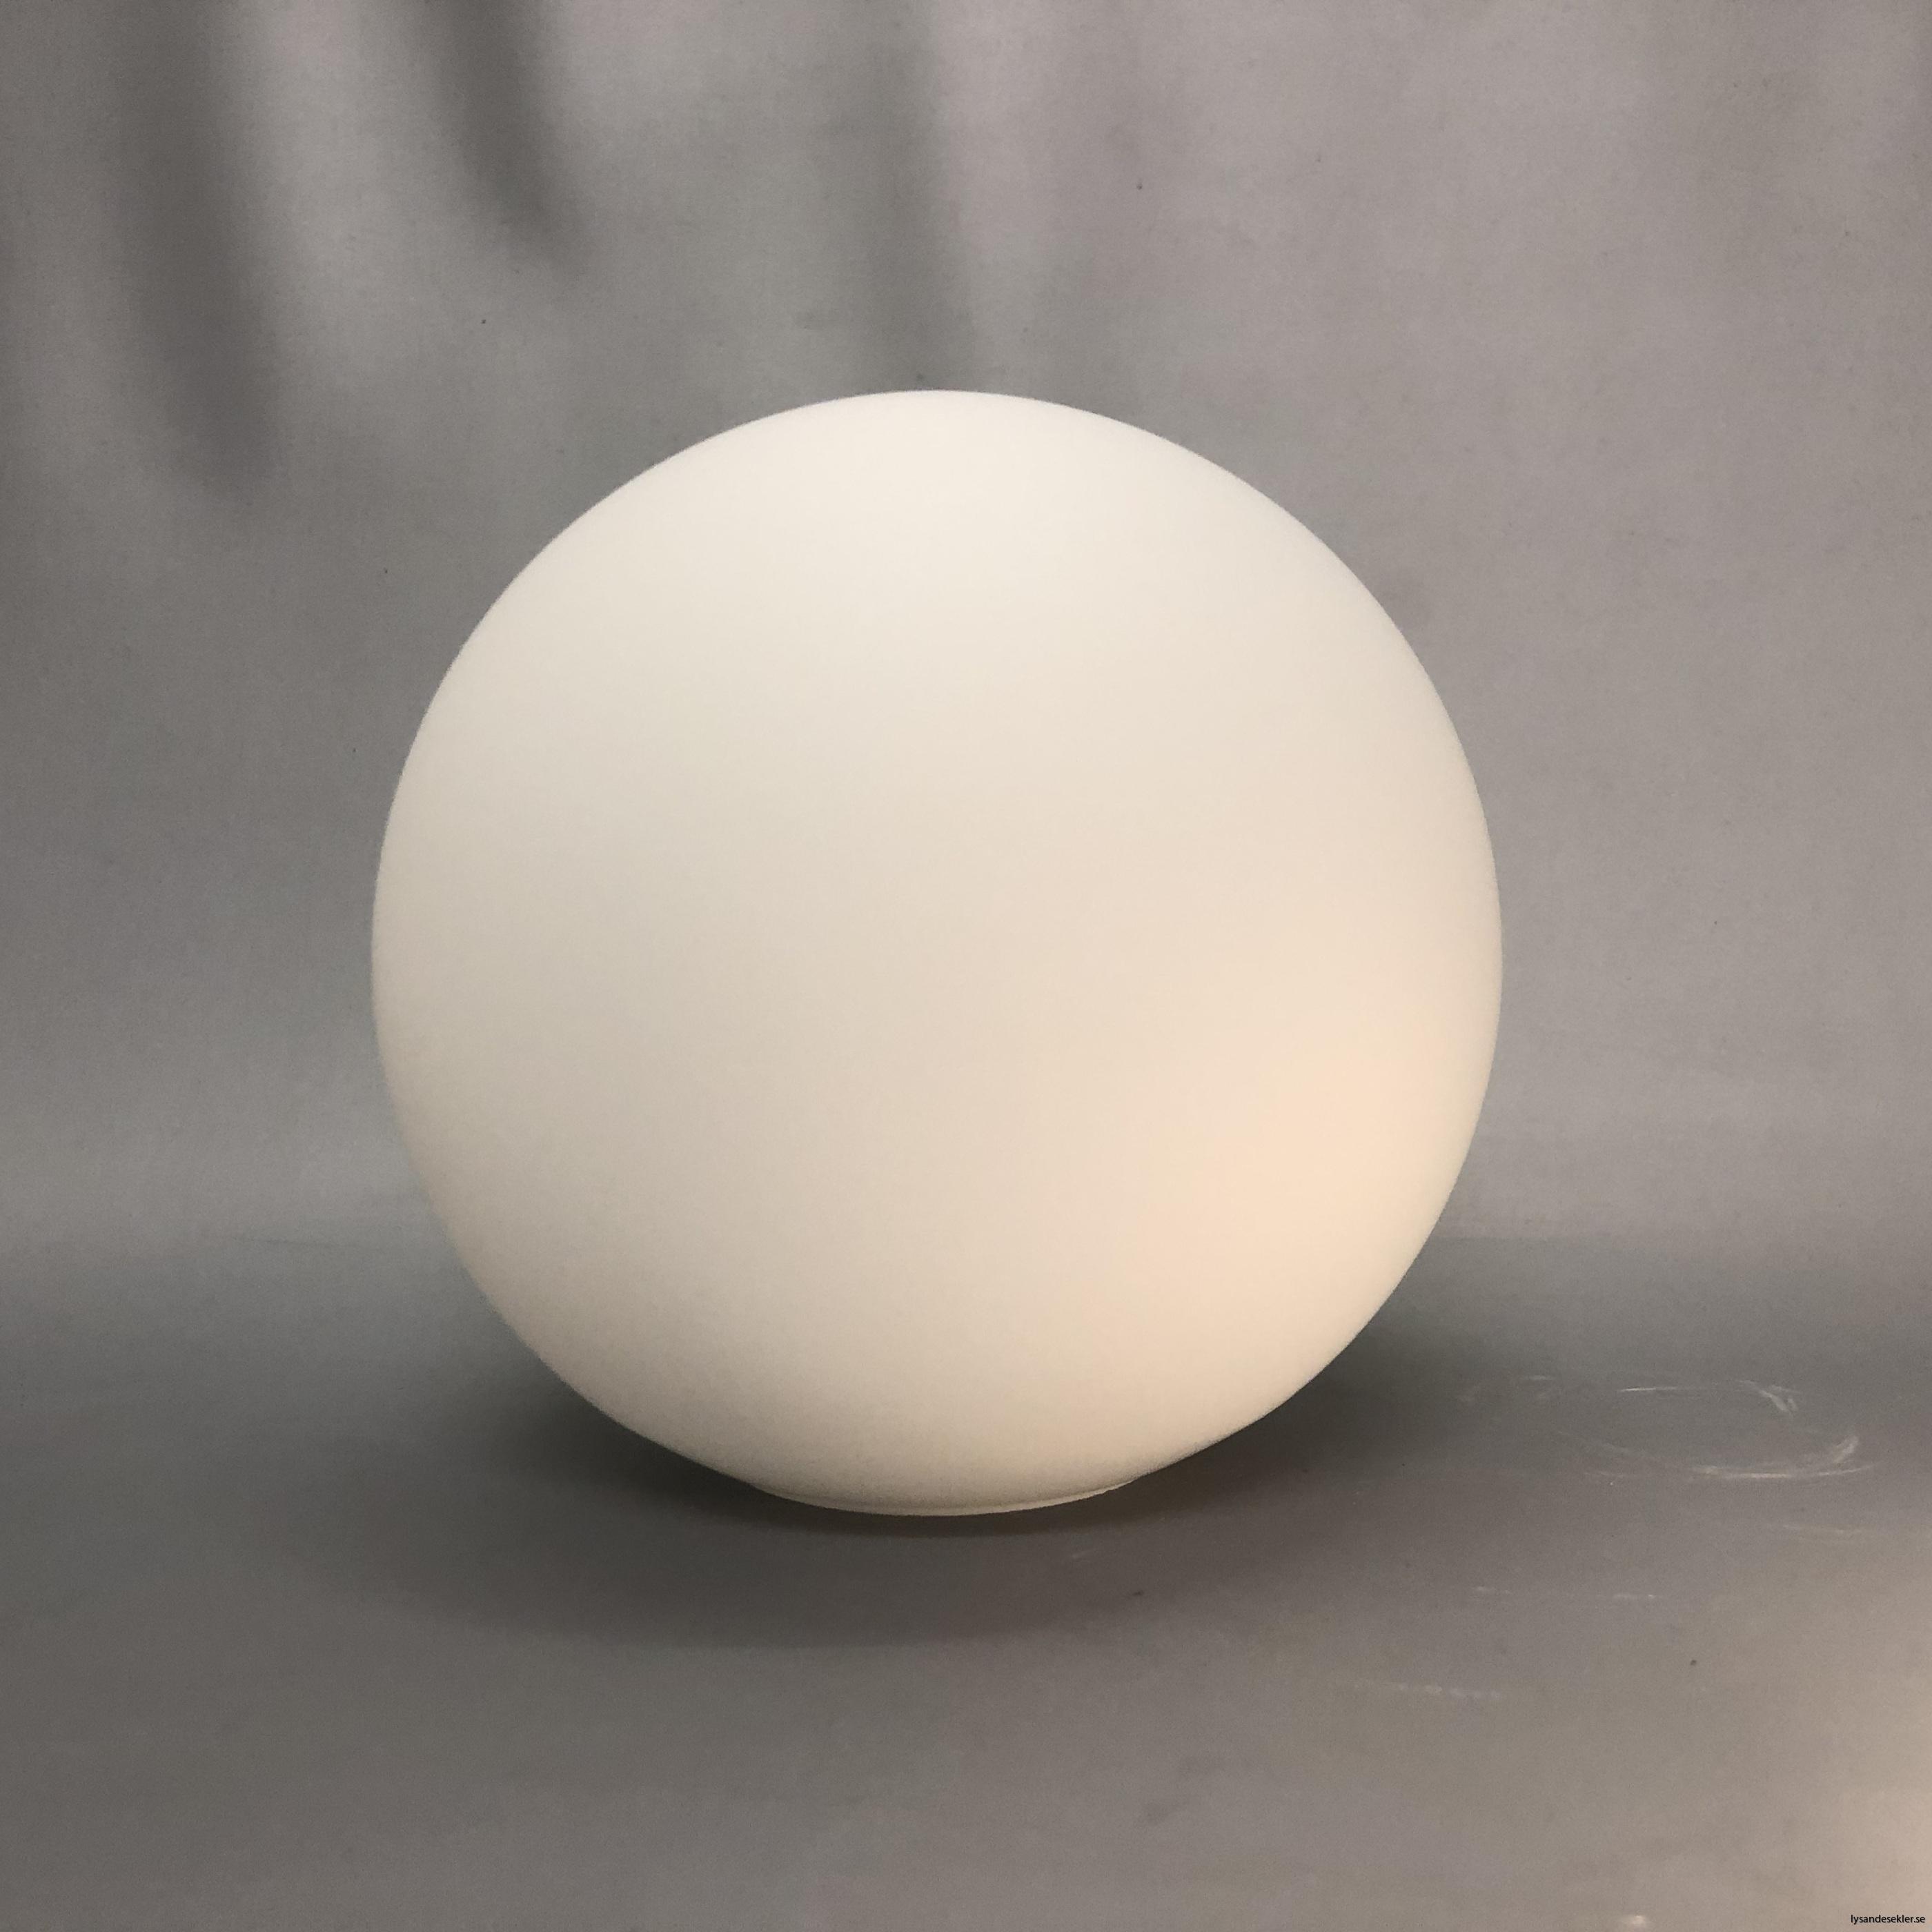 klot glas lampklot lampglas klotglas matt blankt vitt hålkupa hål16